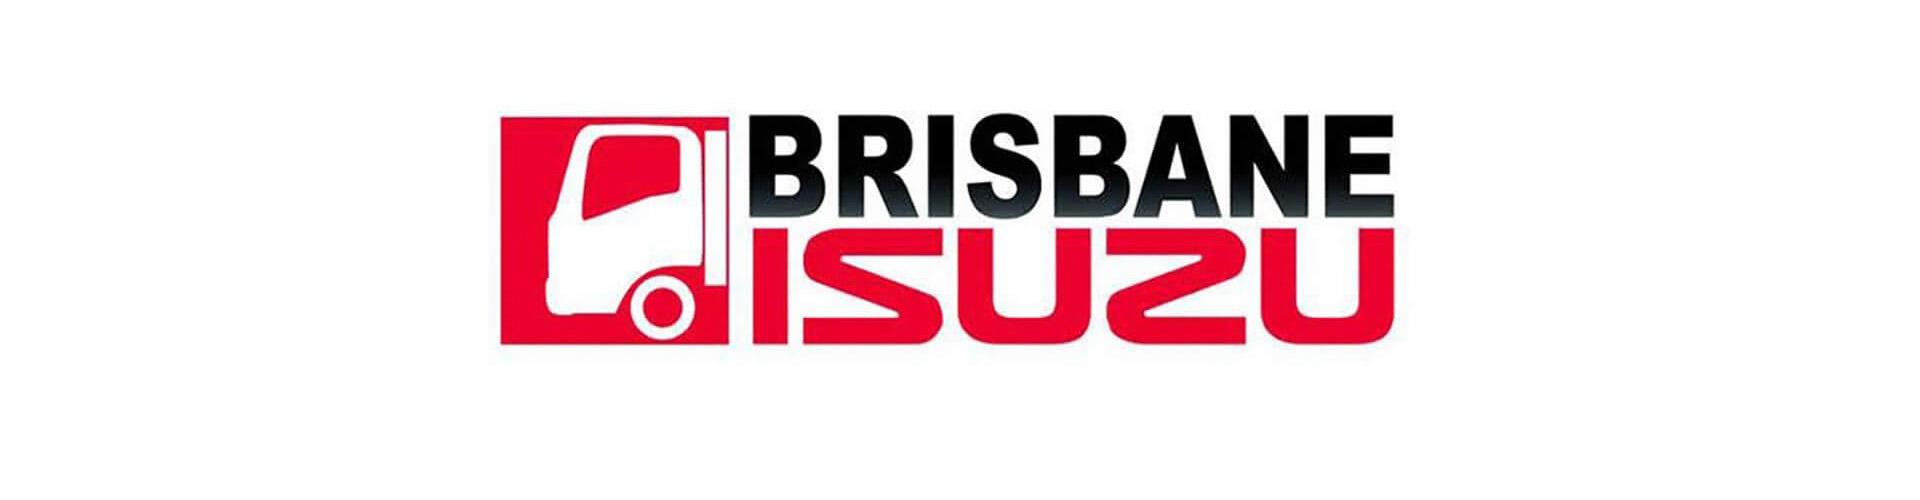 Brisbane Isuzu